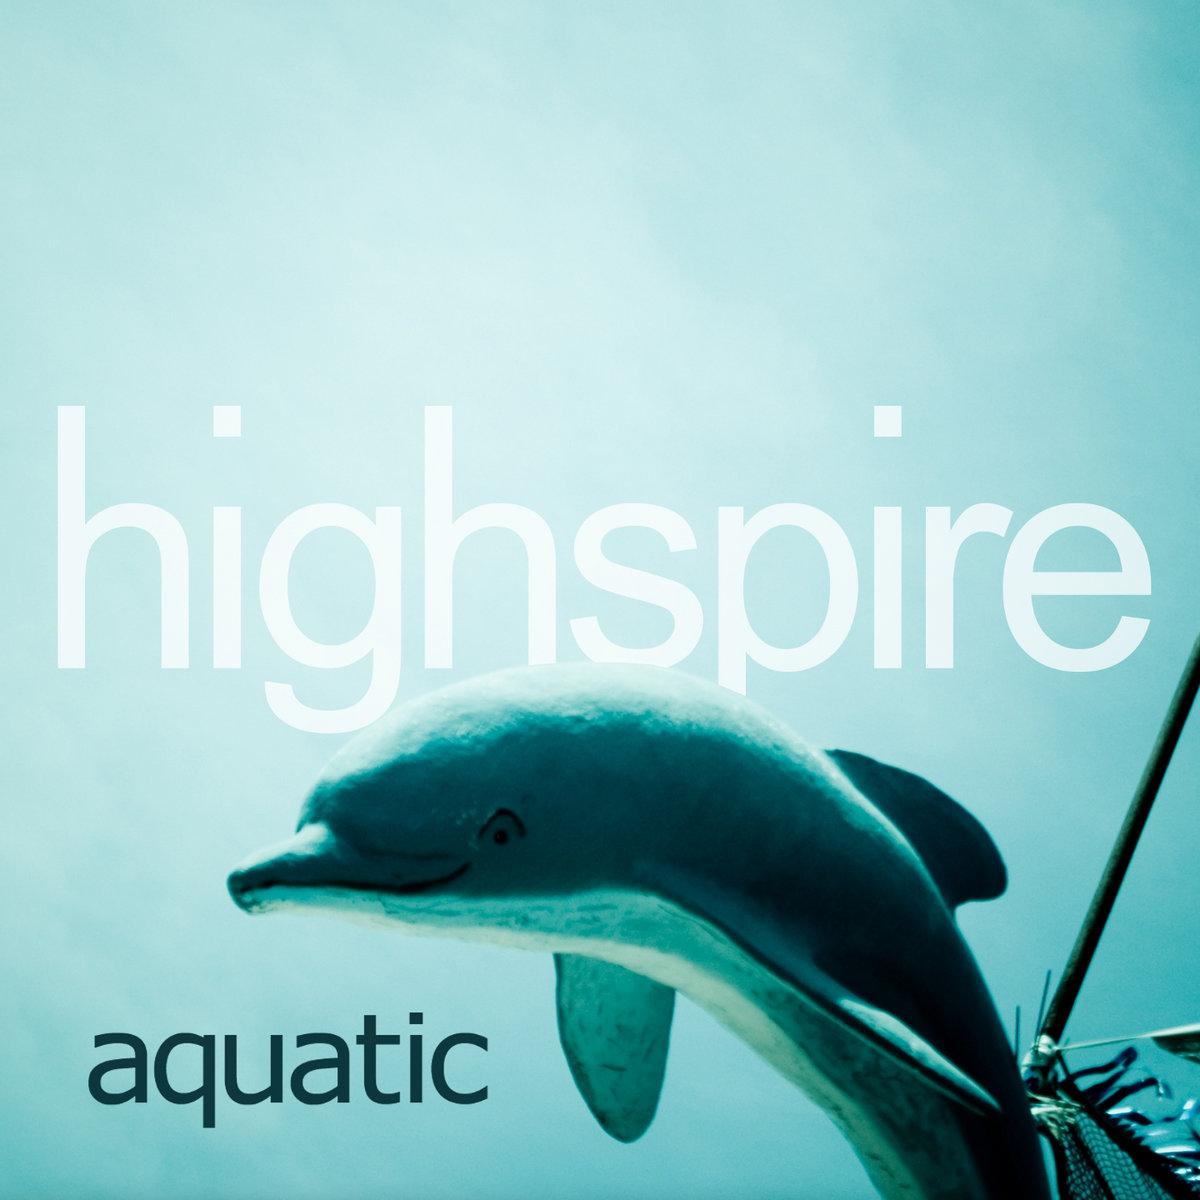 highspire